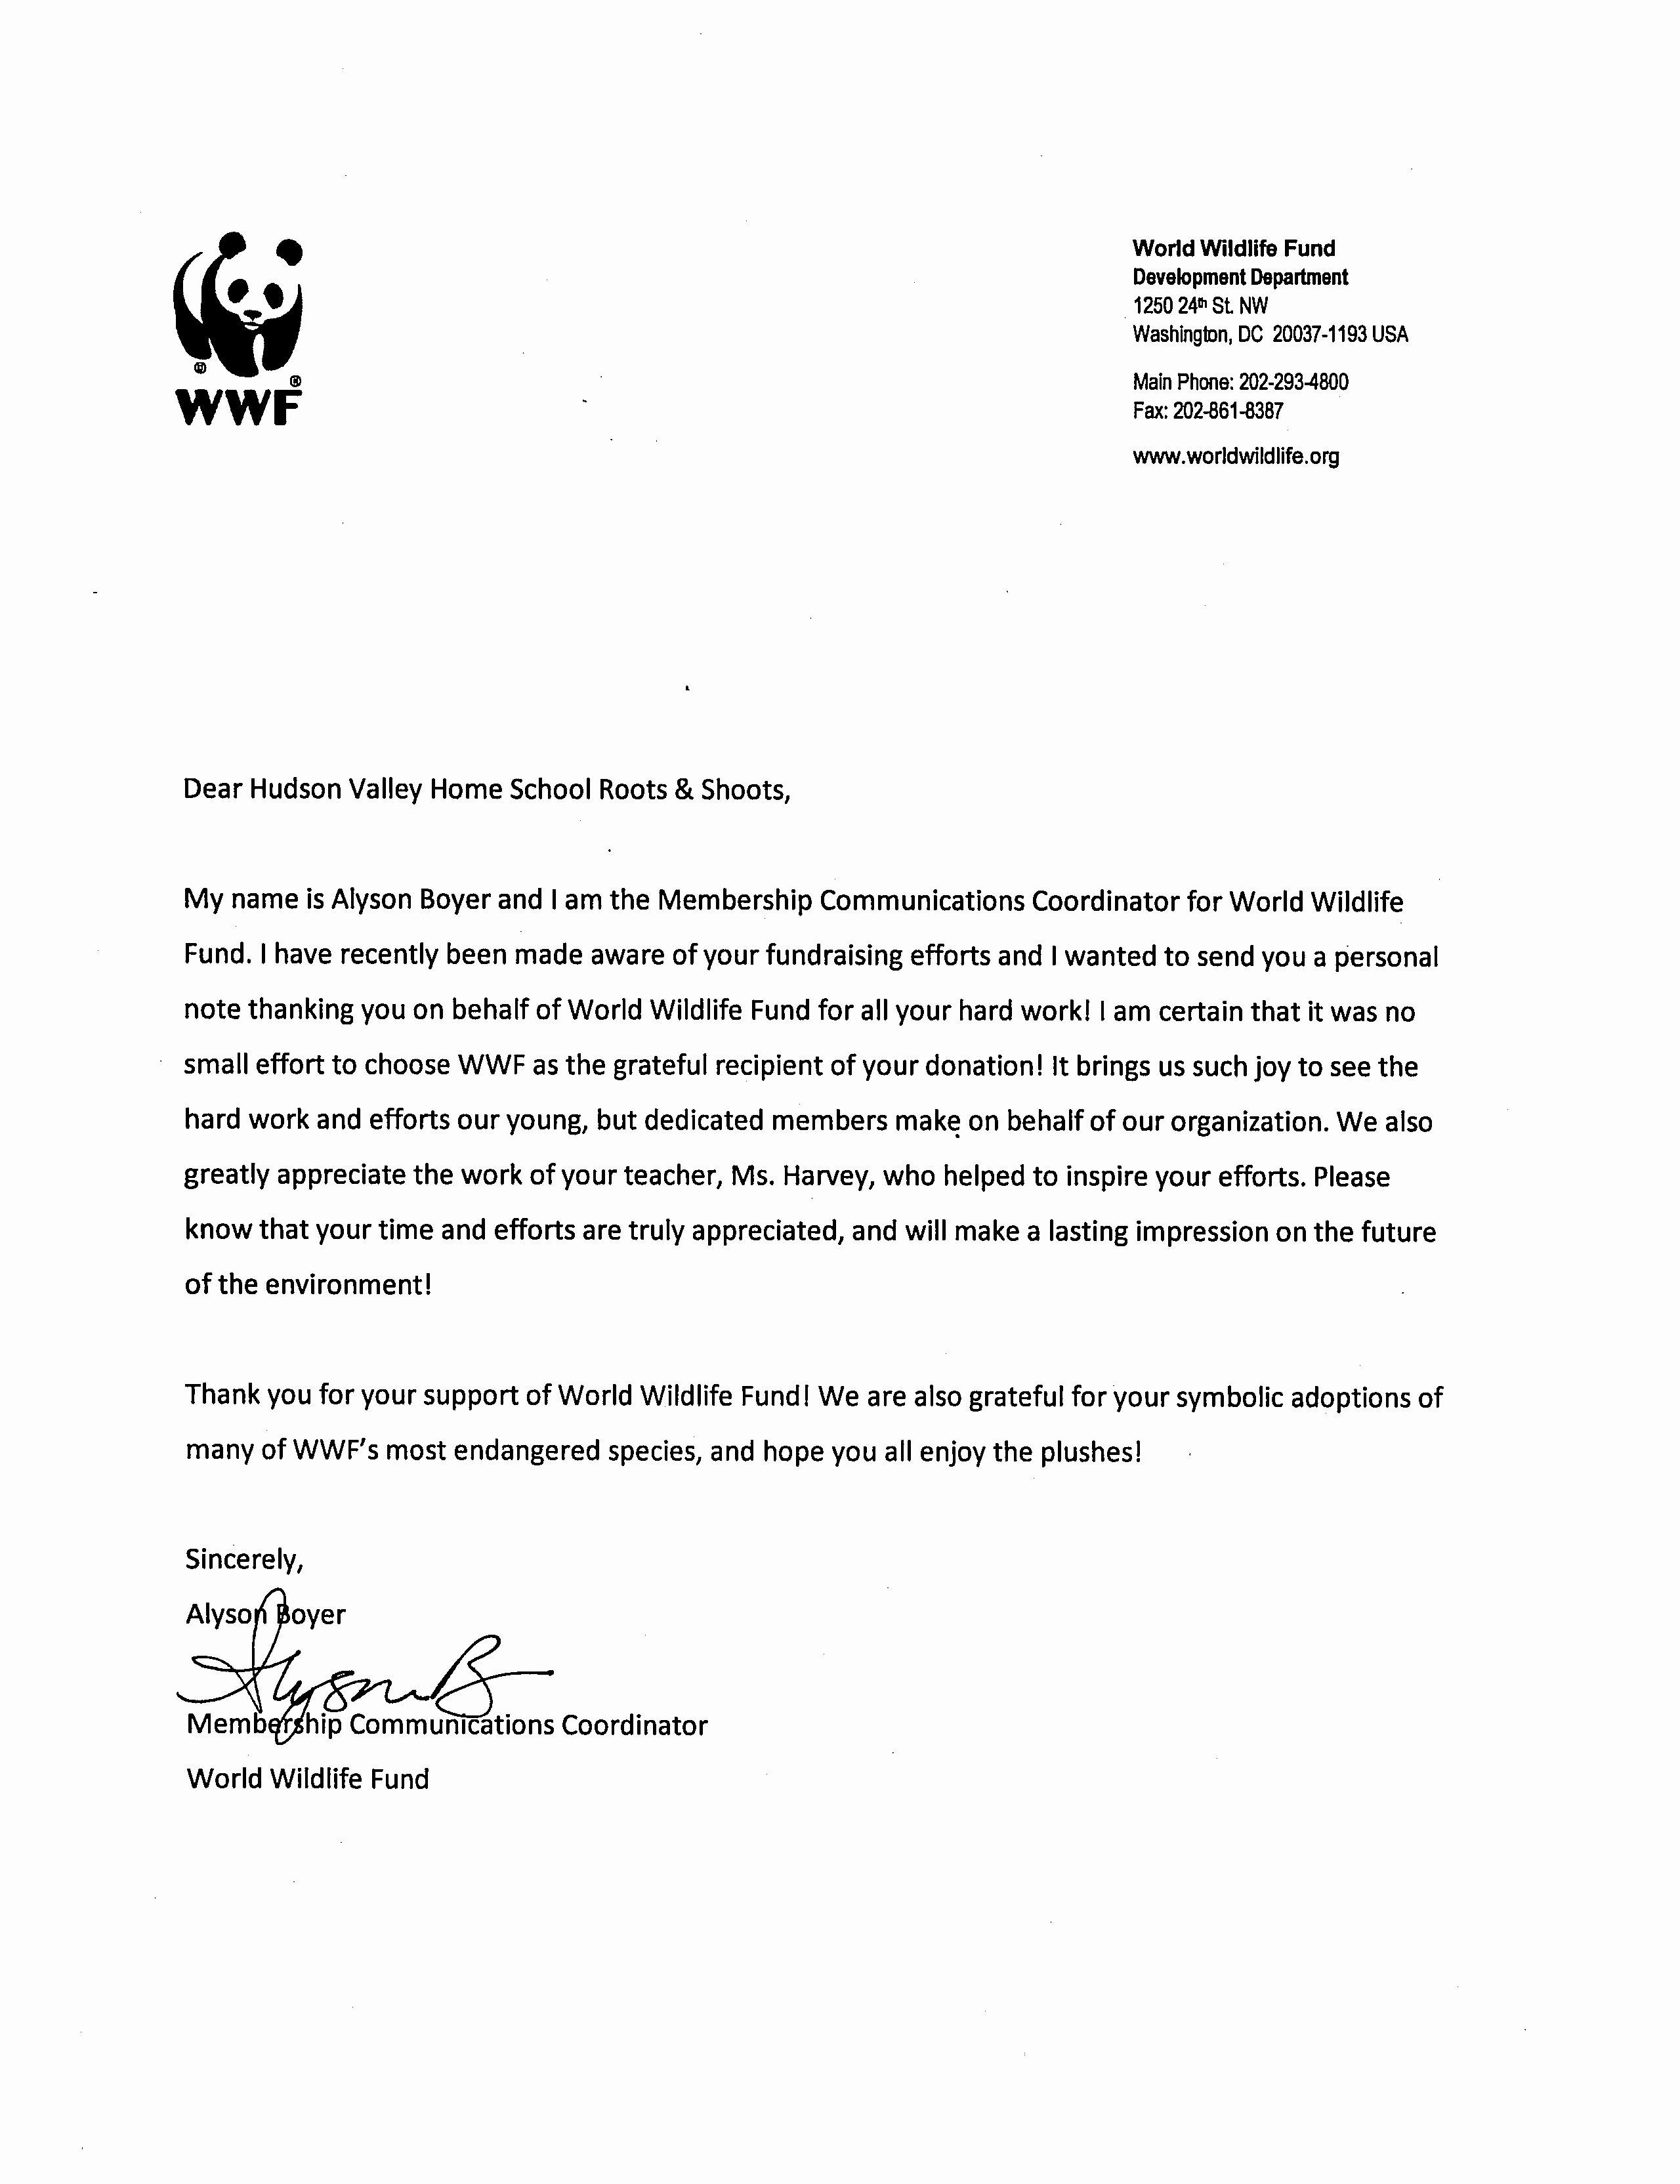 Letter Re Mendation for Volunteer Service Cover